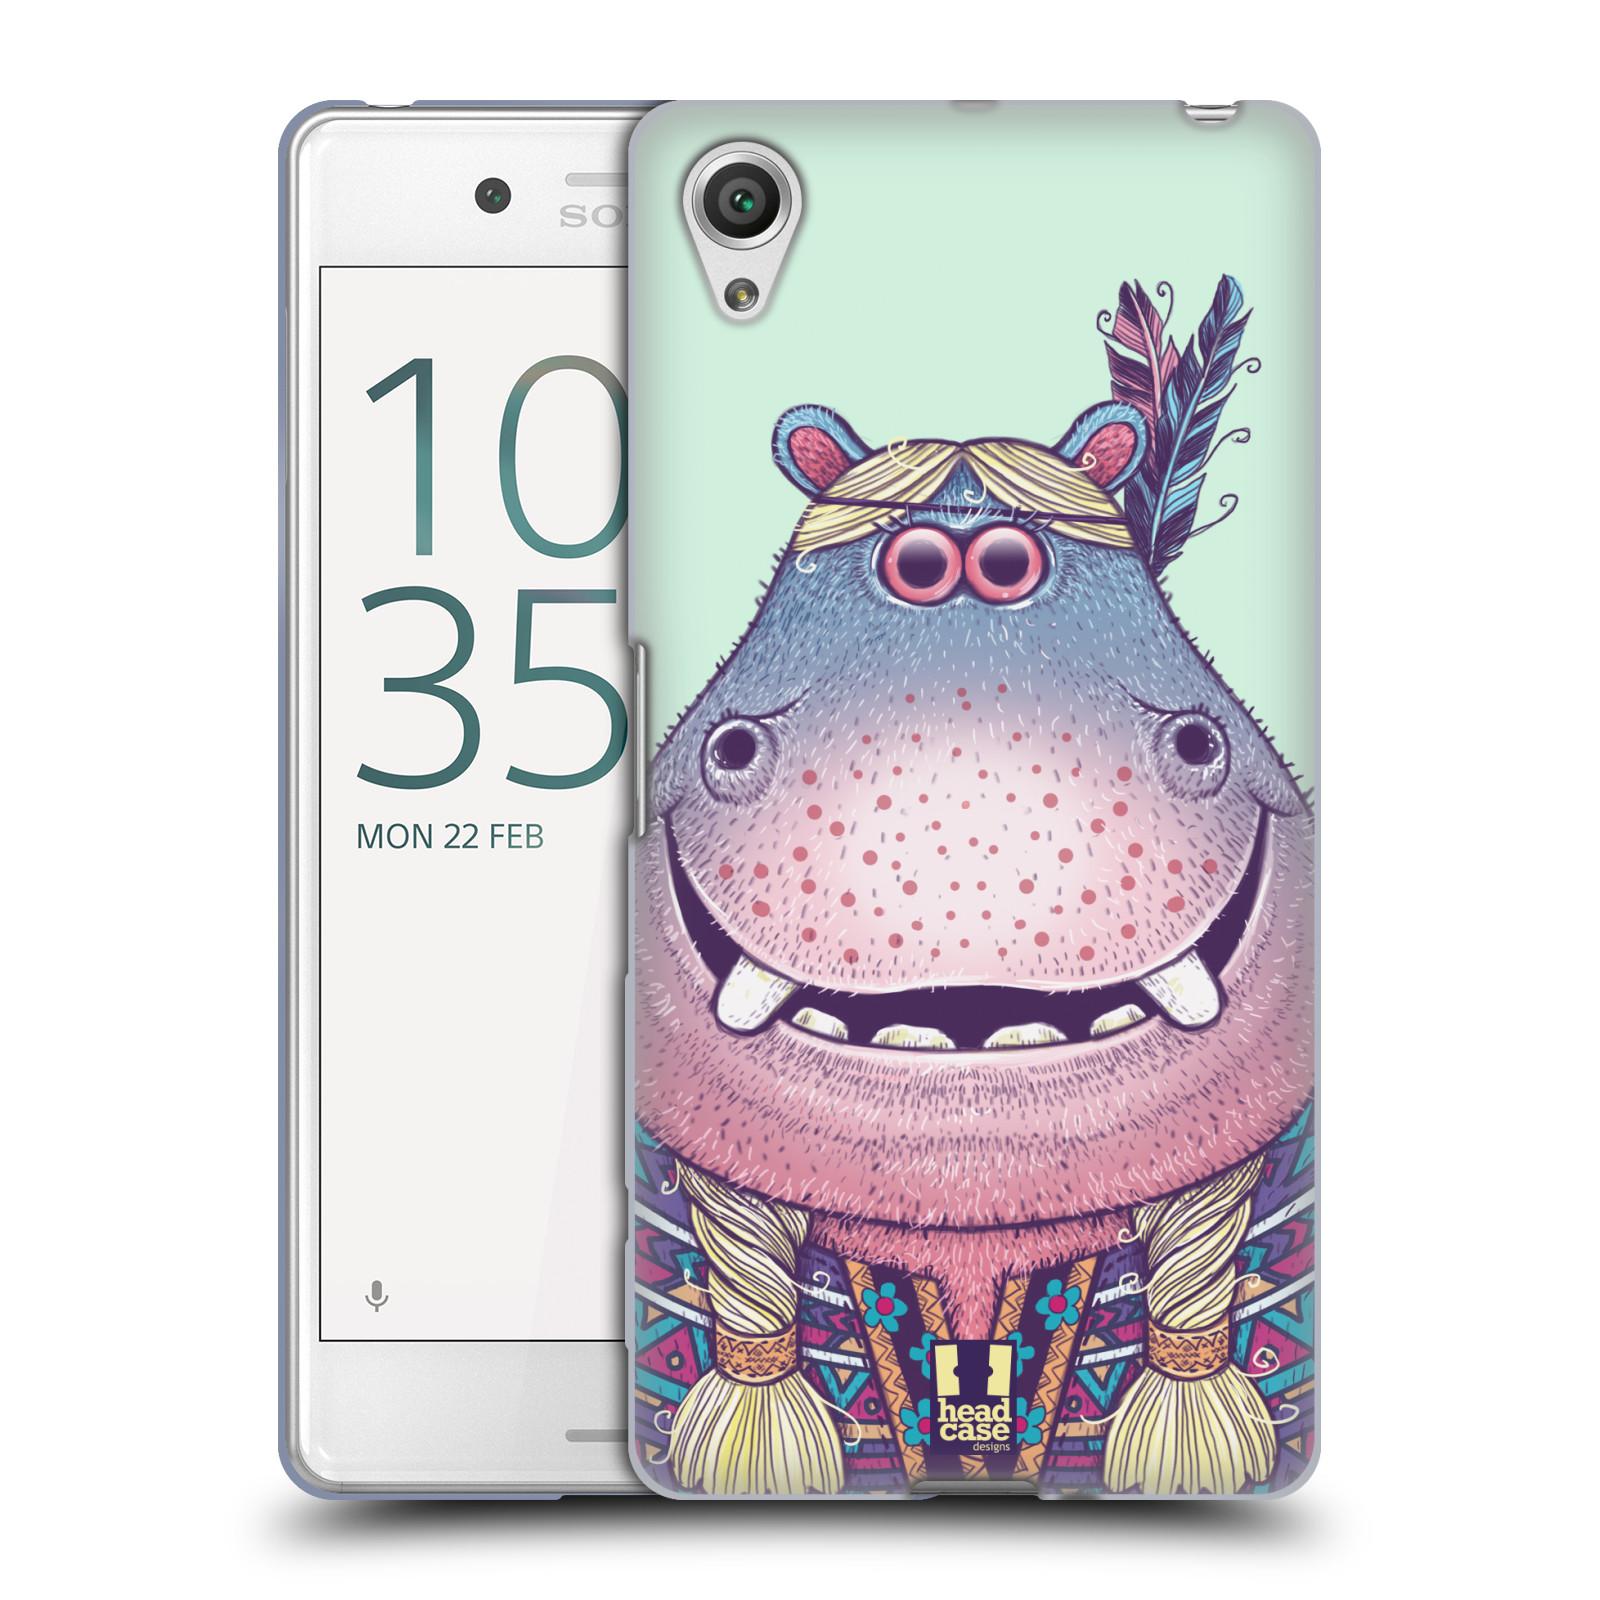 HEAD CASE silikonový obal na mobil Sony Xperia X PERFORMANCE (F8131, F8132) vzor Kreslená zvířátka hroch